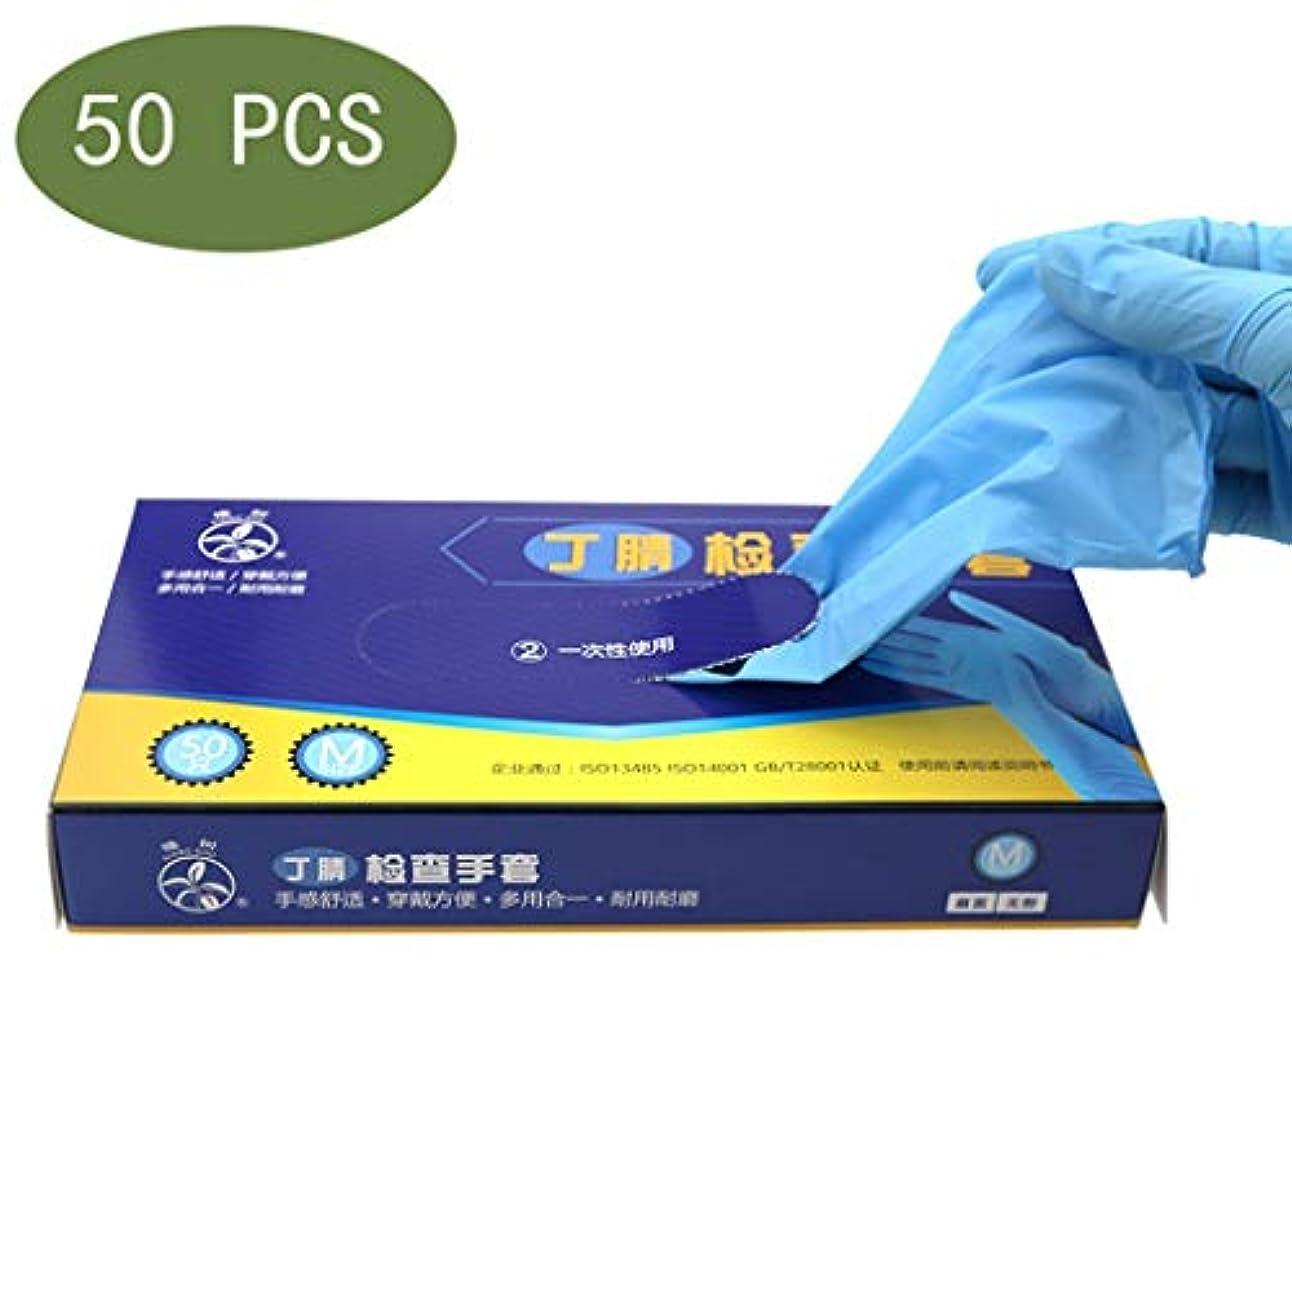 恥ずかしい合意モデレータ保護用使い捨てニトリル医療用手袋、4ミル、ラテックスフリー、試験グレードの手袋、テクスチャード加工、両性、非滅菌、50個入り (Size : S)